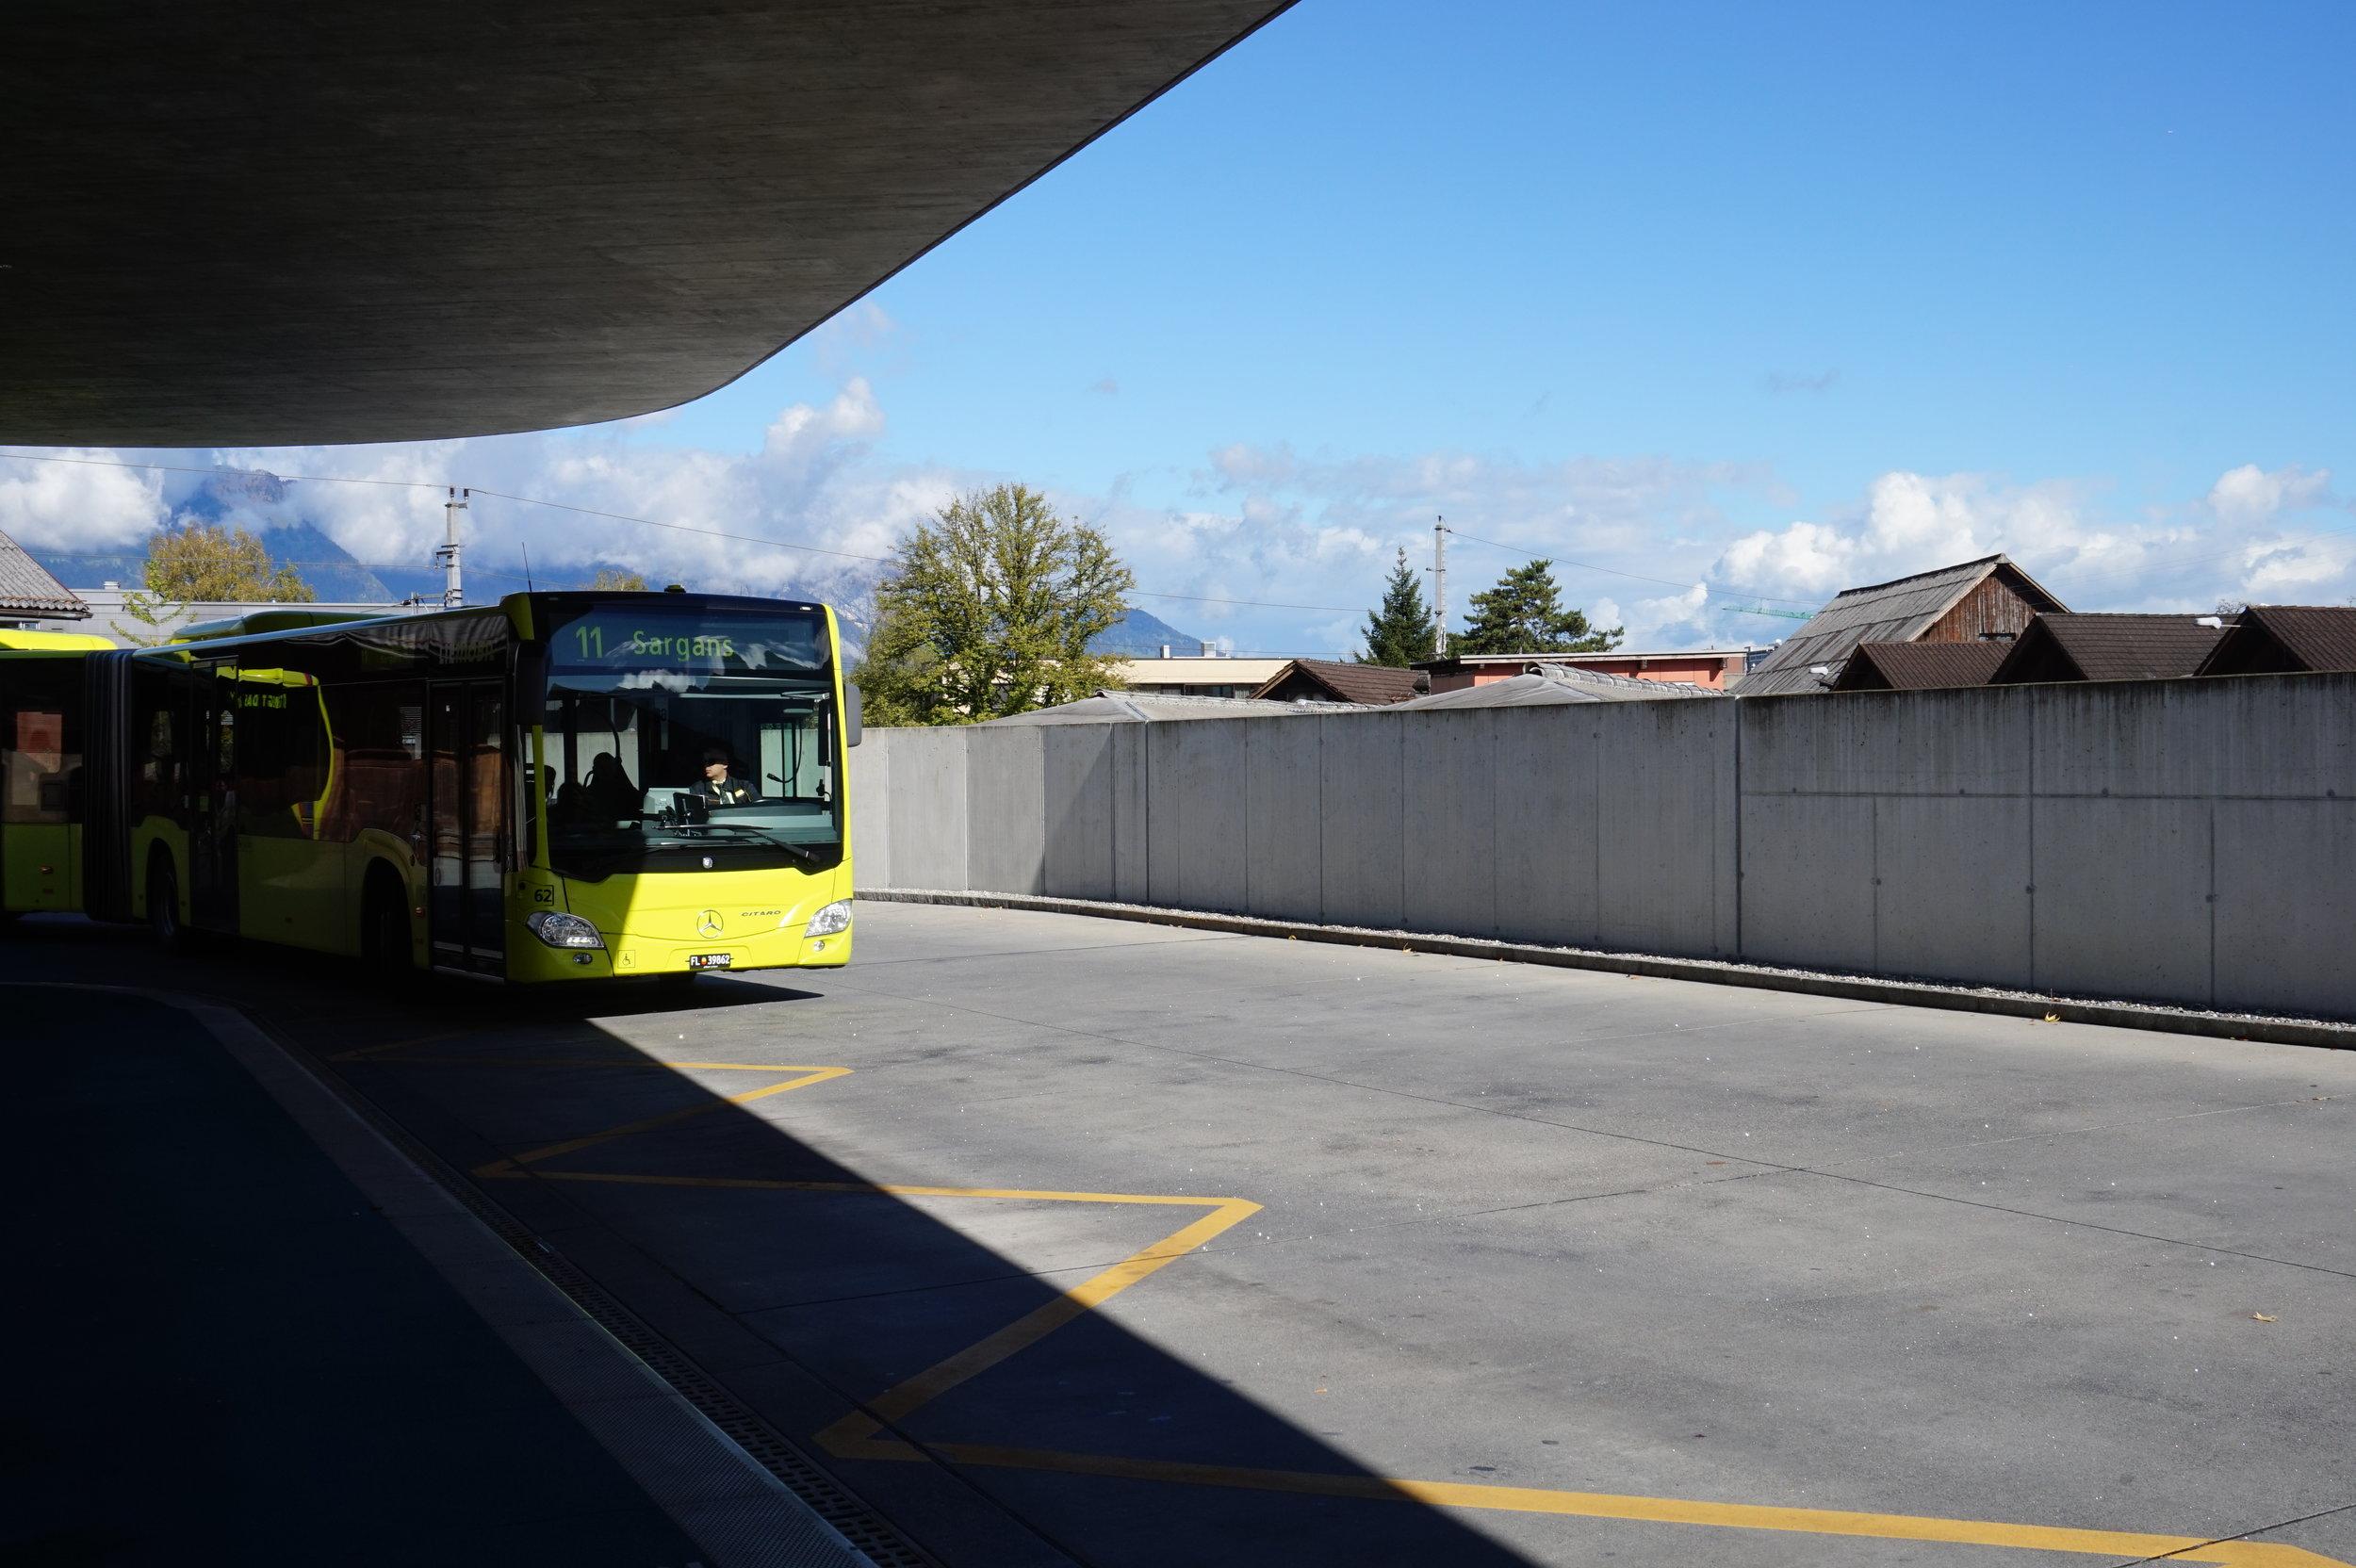 LiechtensteinBusStation